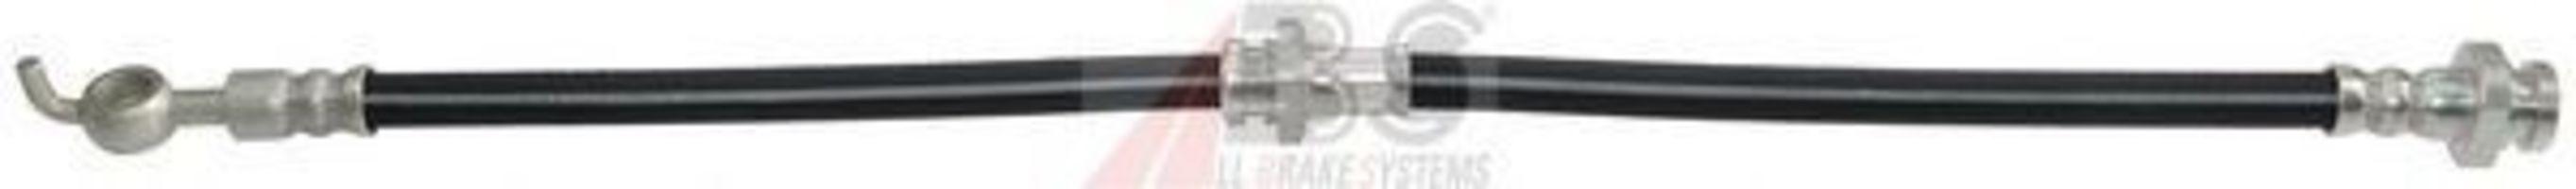 Шланг тормозной A.B.S. SL5338